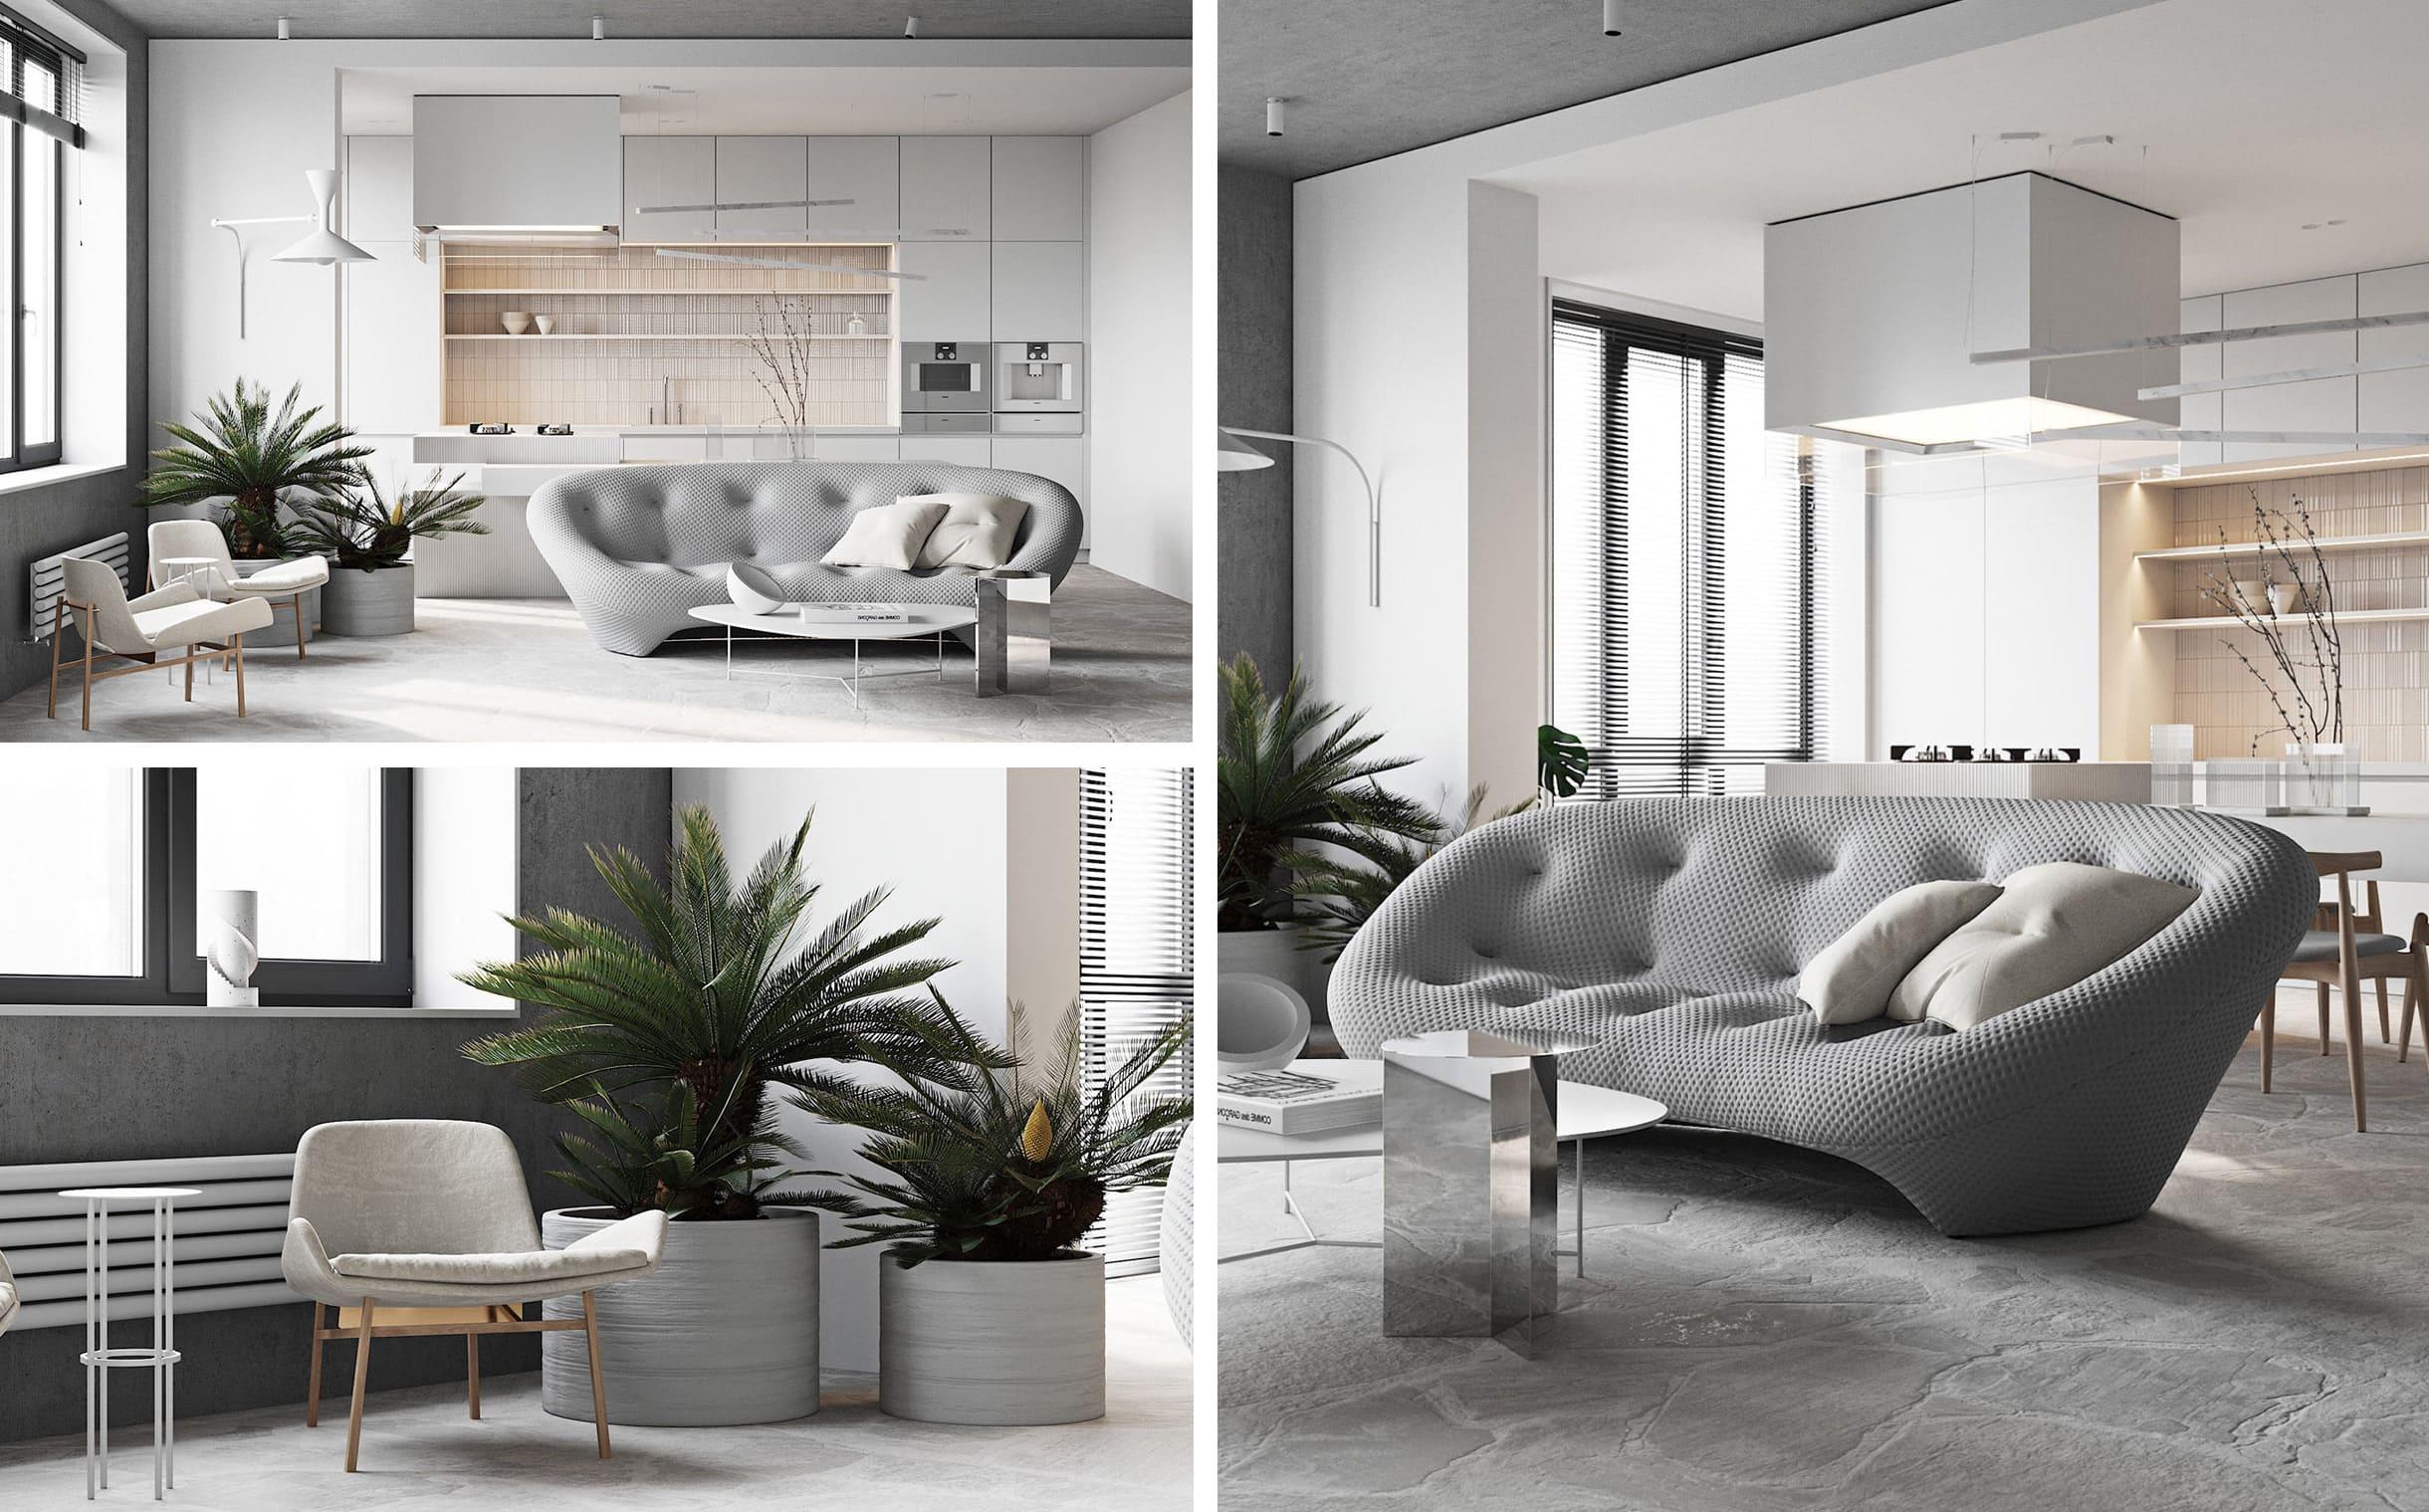 дизайн интерьера гостиной фото 41